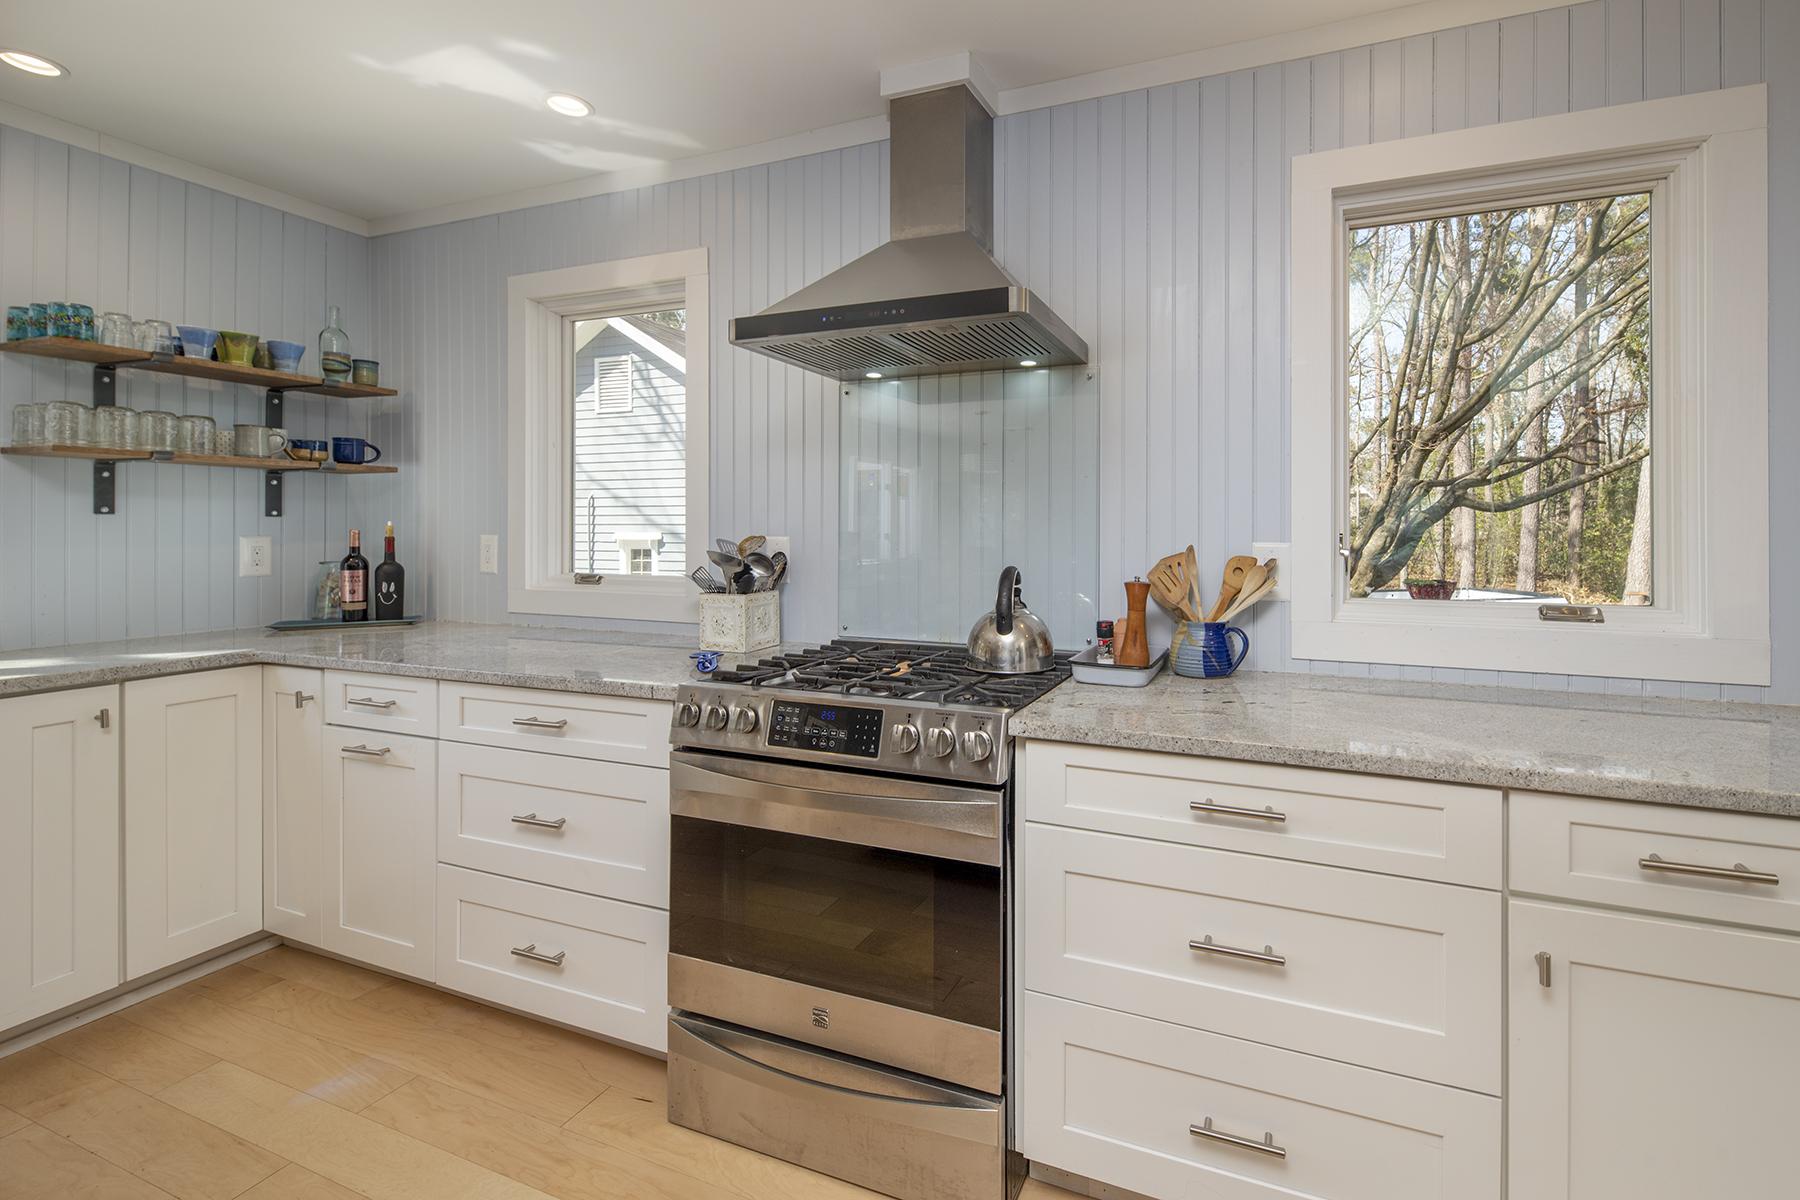 kitchen dining room remodel with tile backsplash, cabinets, pendant lighting, furniture, decor